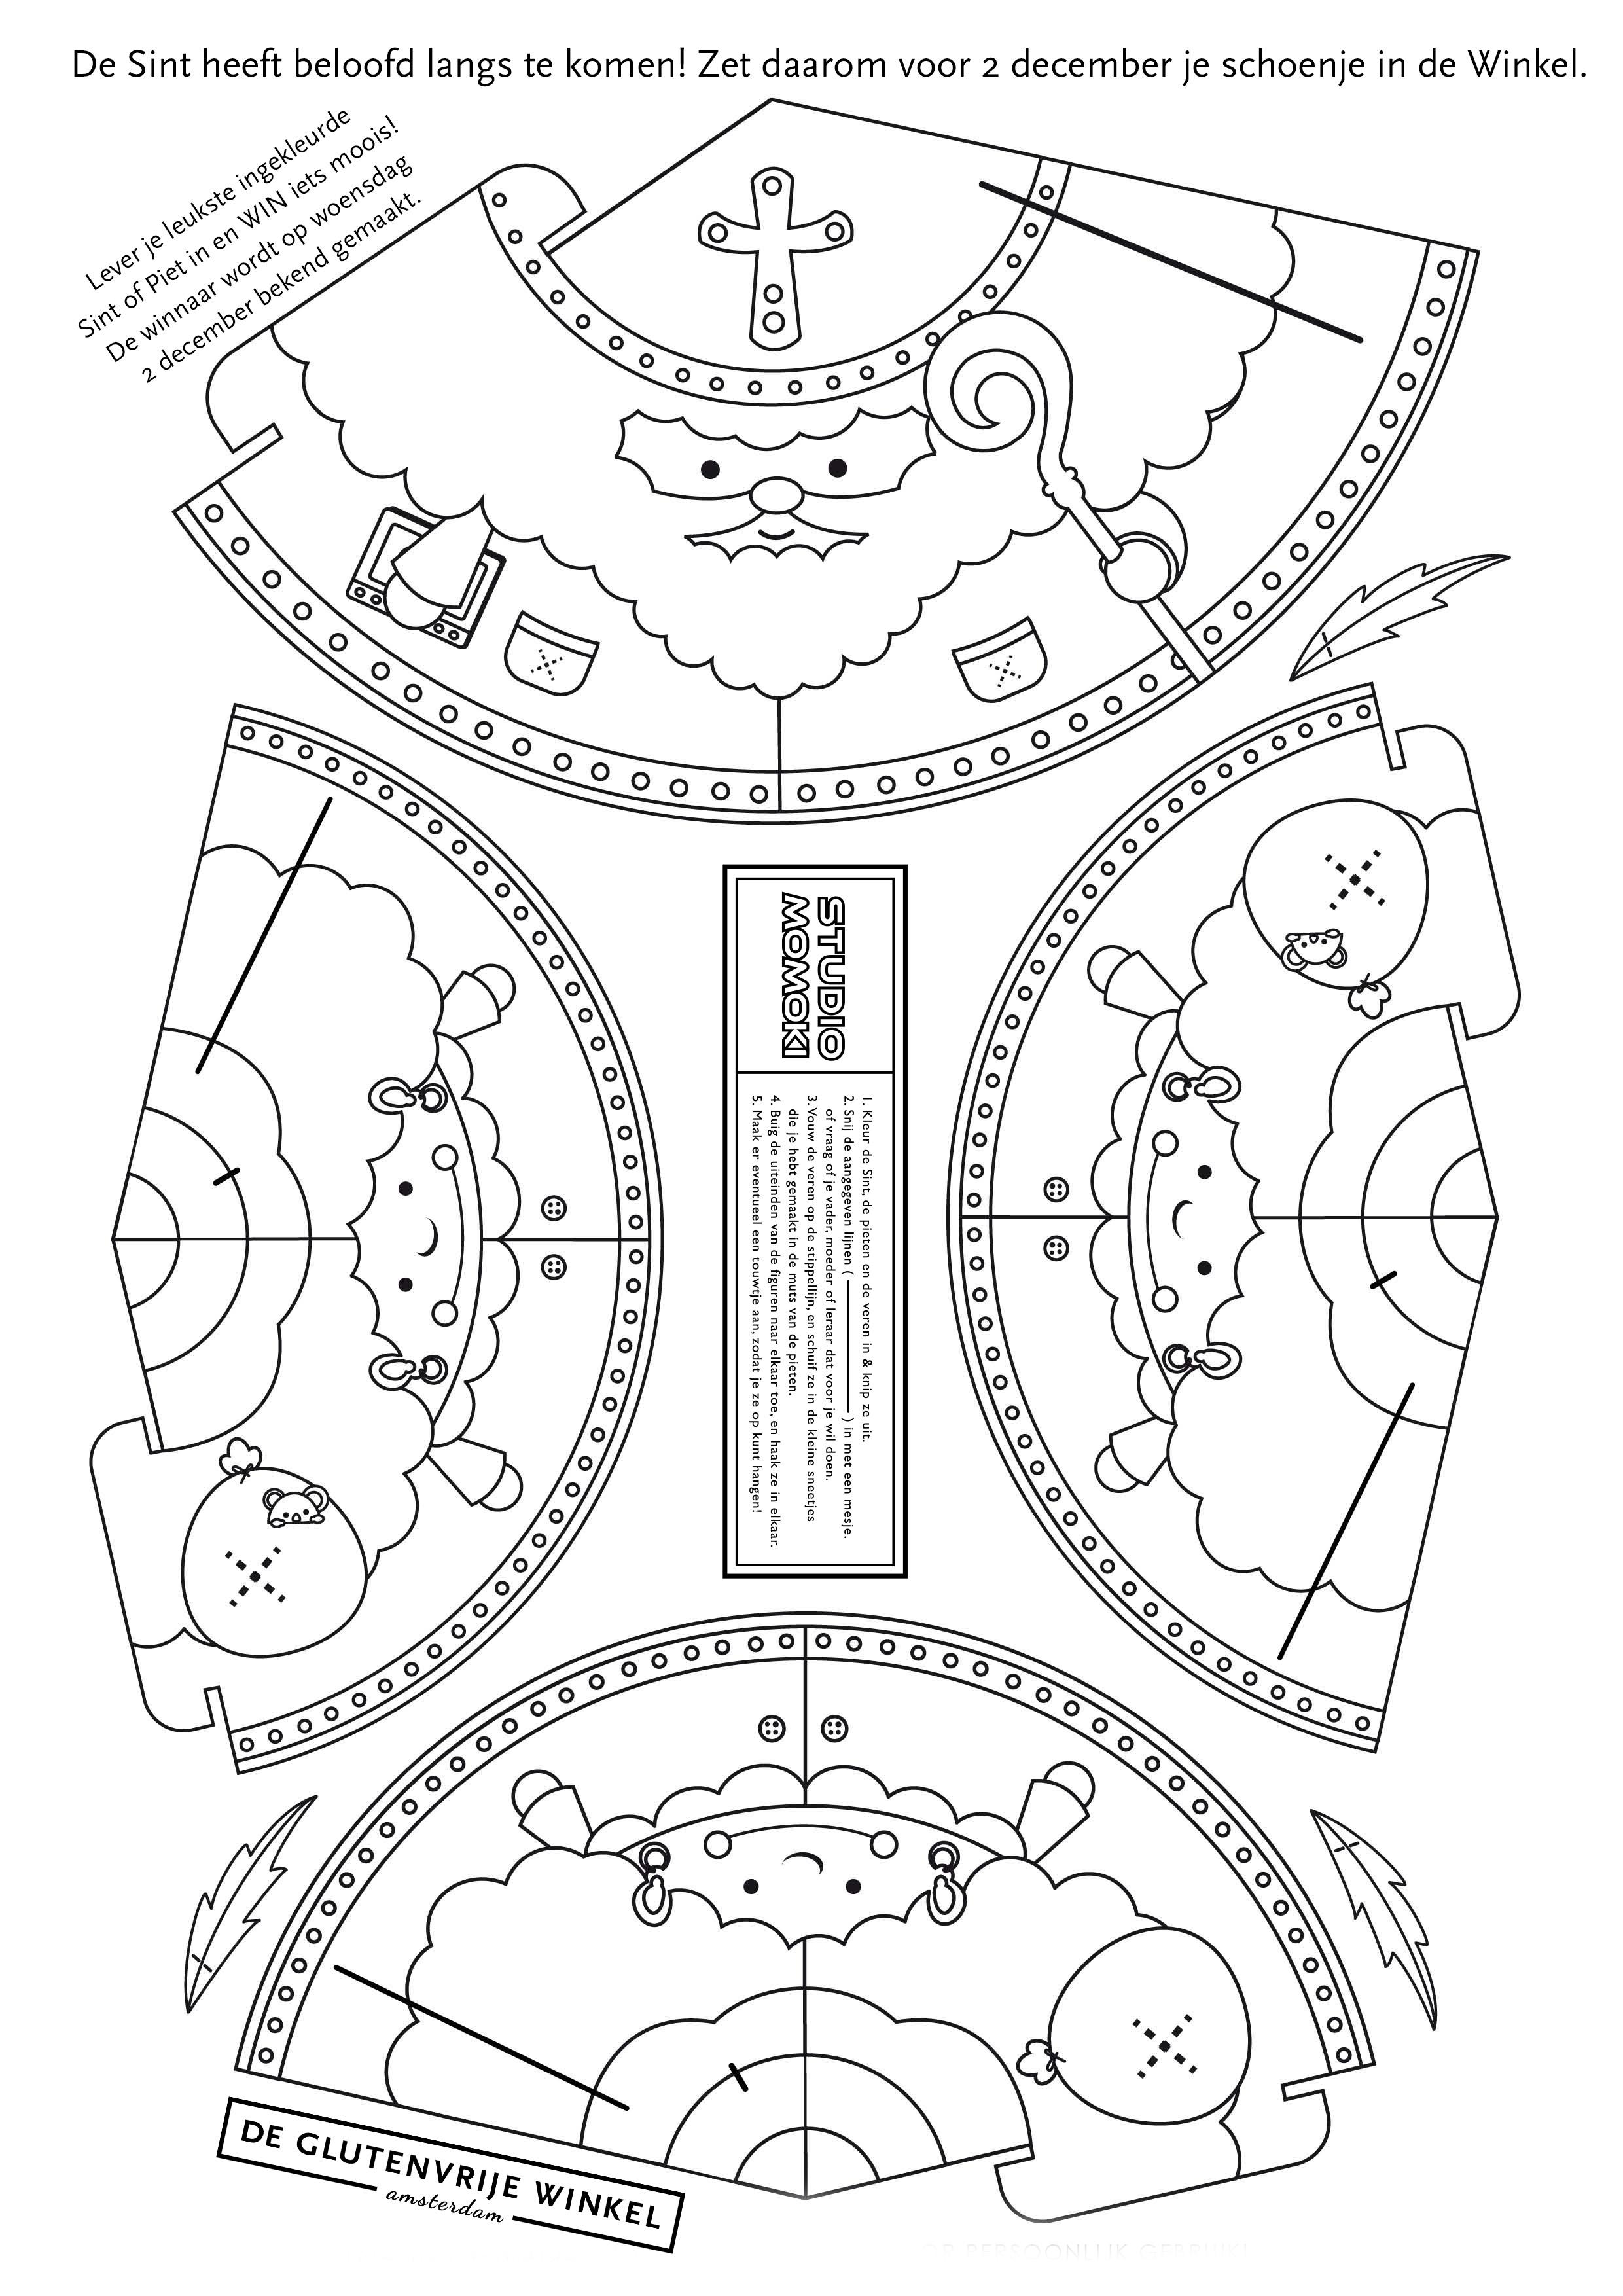 Kleurplaten Sinterklaas Schoen Zetten.Bekendmaking Winnaar Schoenzetten Kleurplaat Sinterklaas De